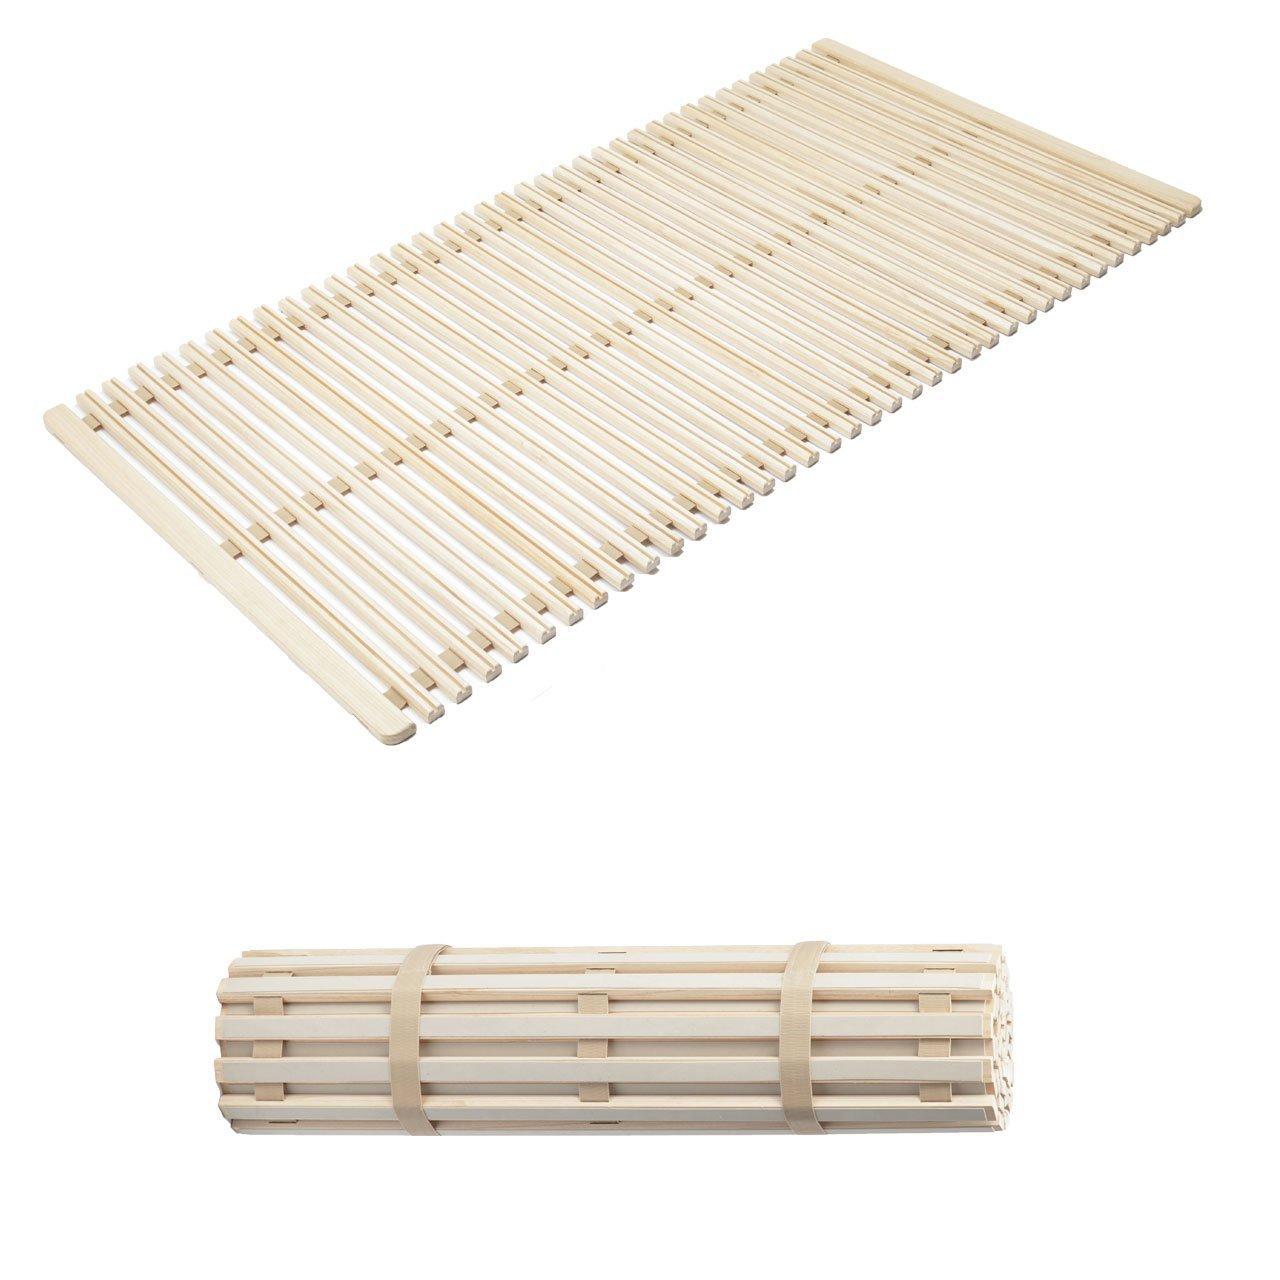 みやび格子 すのこマット すのこベッド 省スペース 除湿 調湿 防カビ 結露防止 シングル (100×200cm) すのこベッド (アシスト機能付き) B0765LY5T2 アシスト機能付き  アシスト機能付き